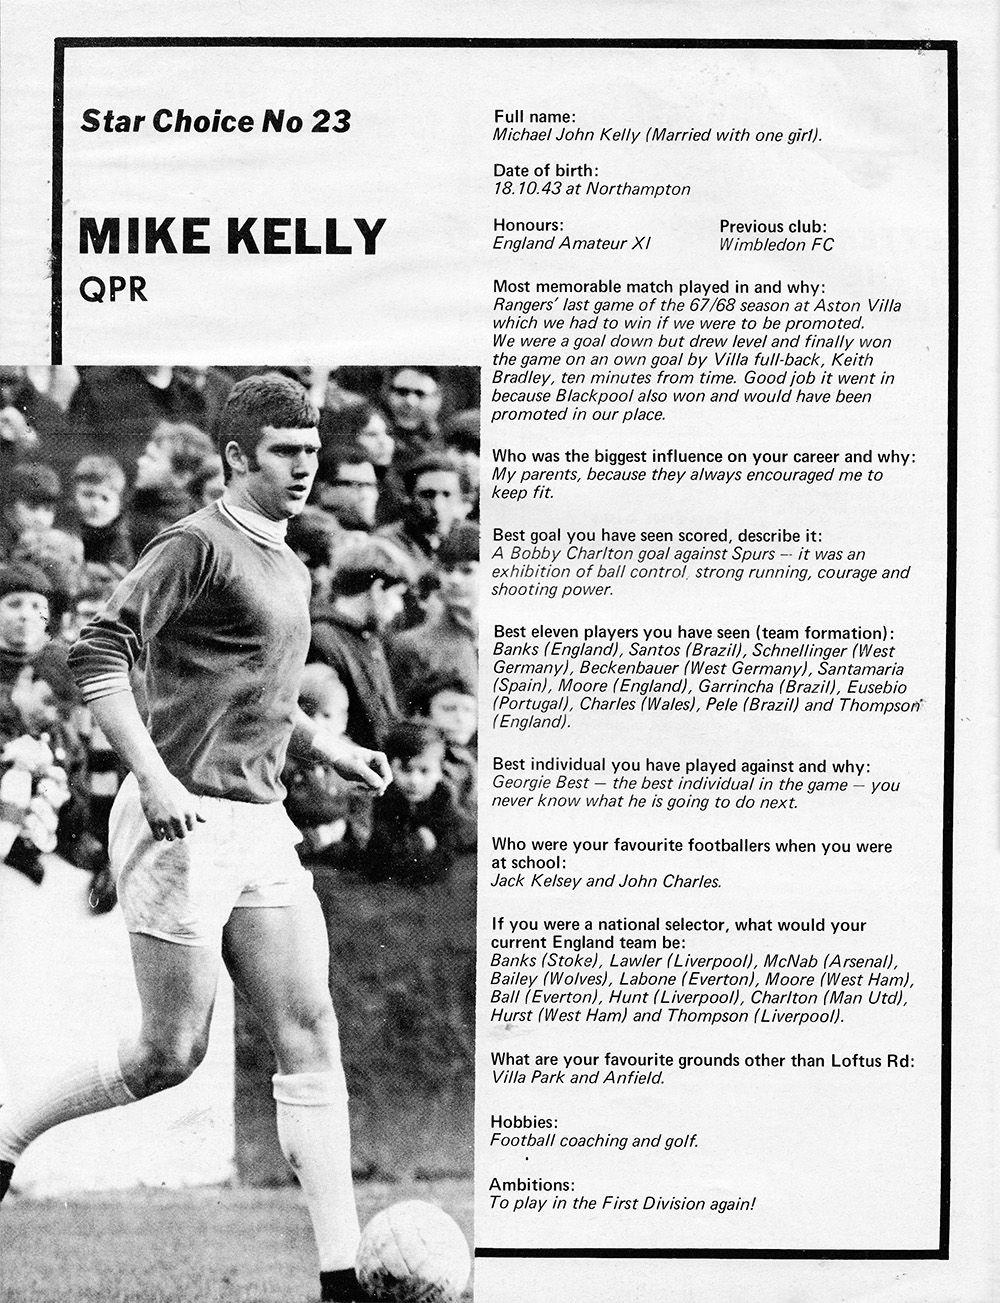 Circa 1968. Star Choice No. 23 Queen's Park Rangers